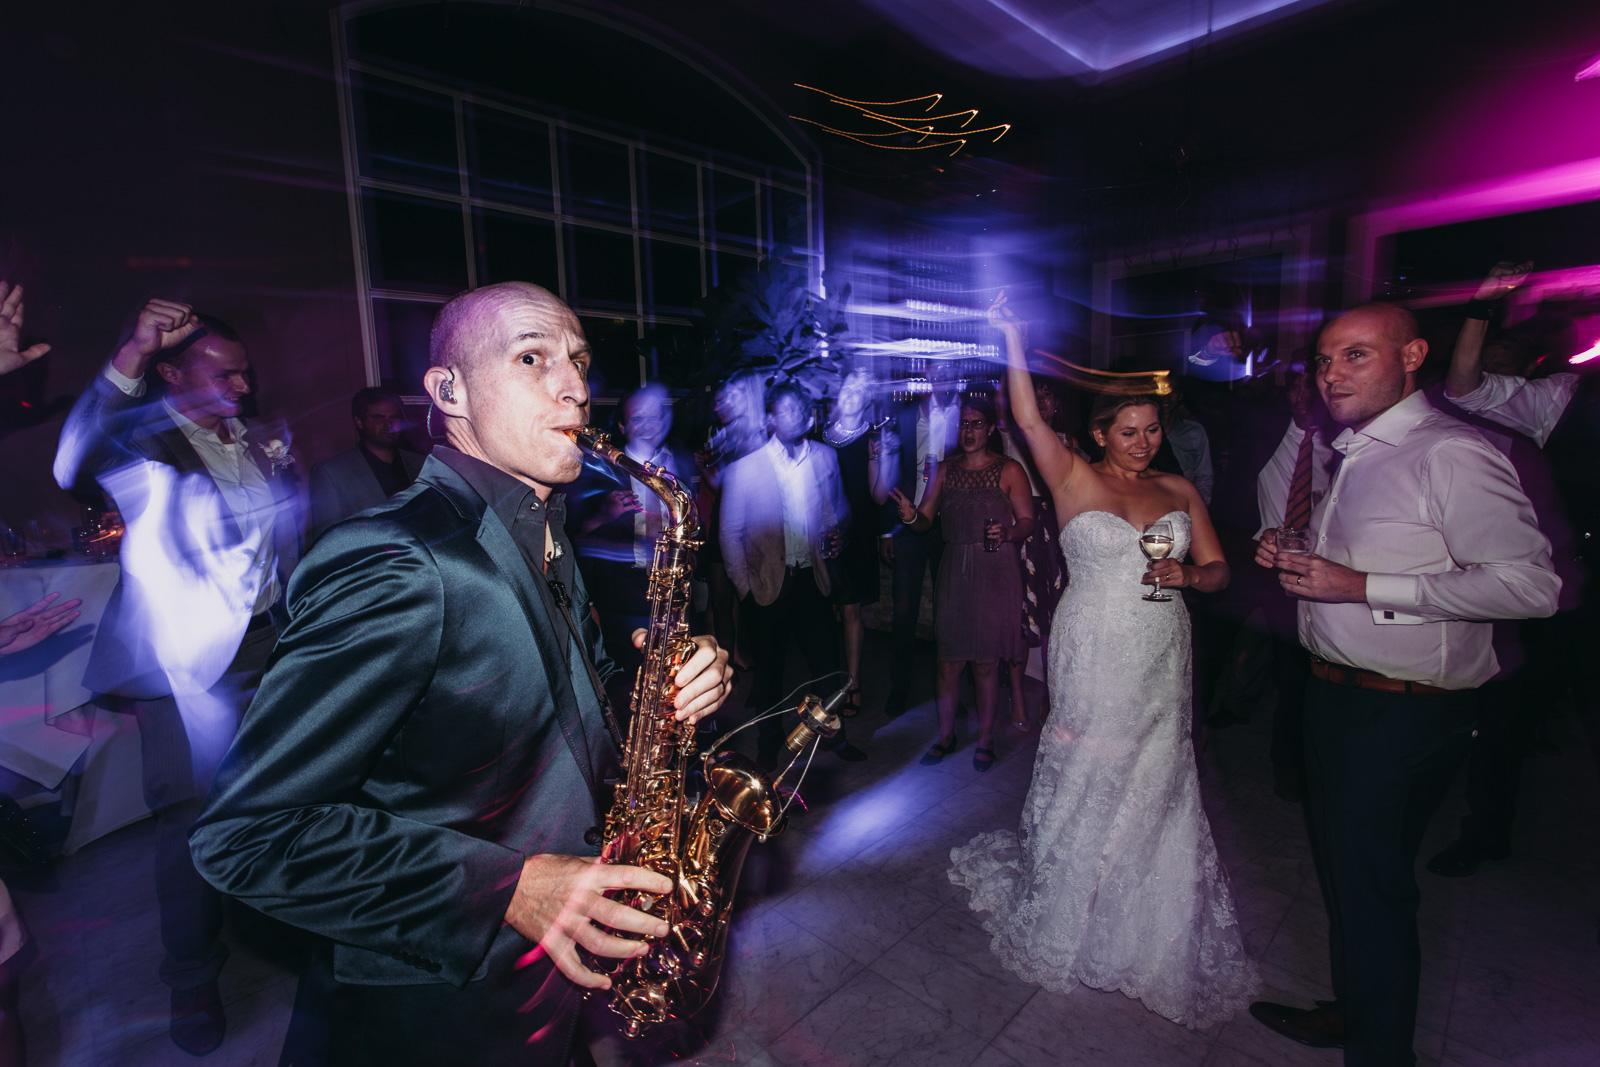 Evabloem_wedding_martine-en-jurriaan-30.jpg